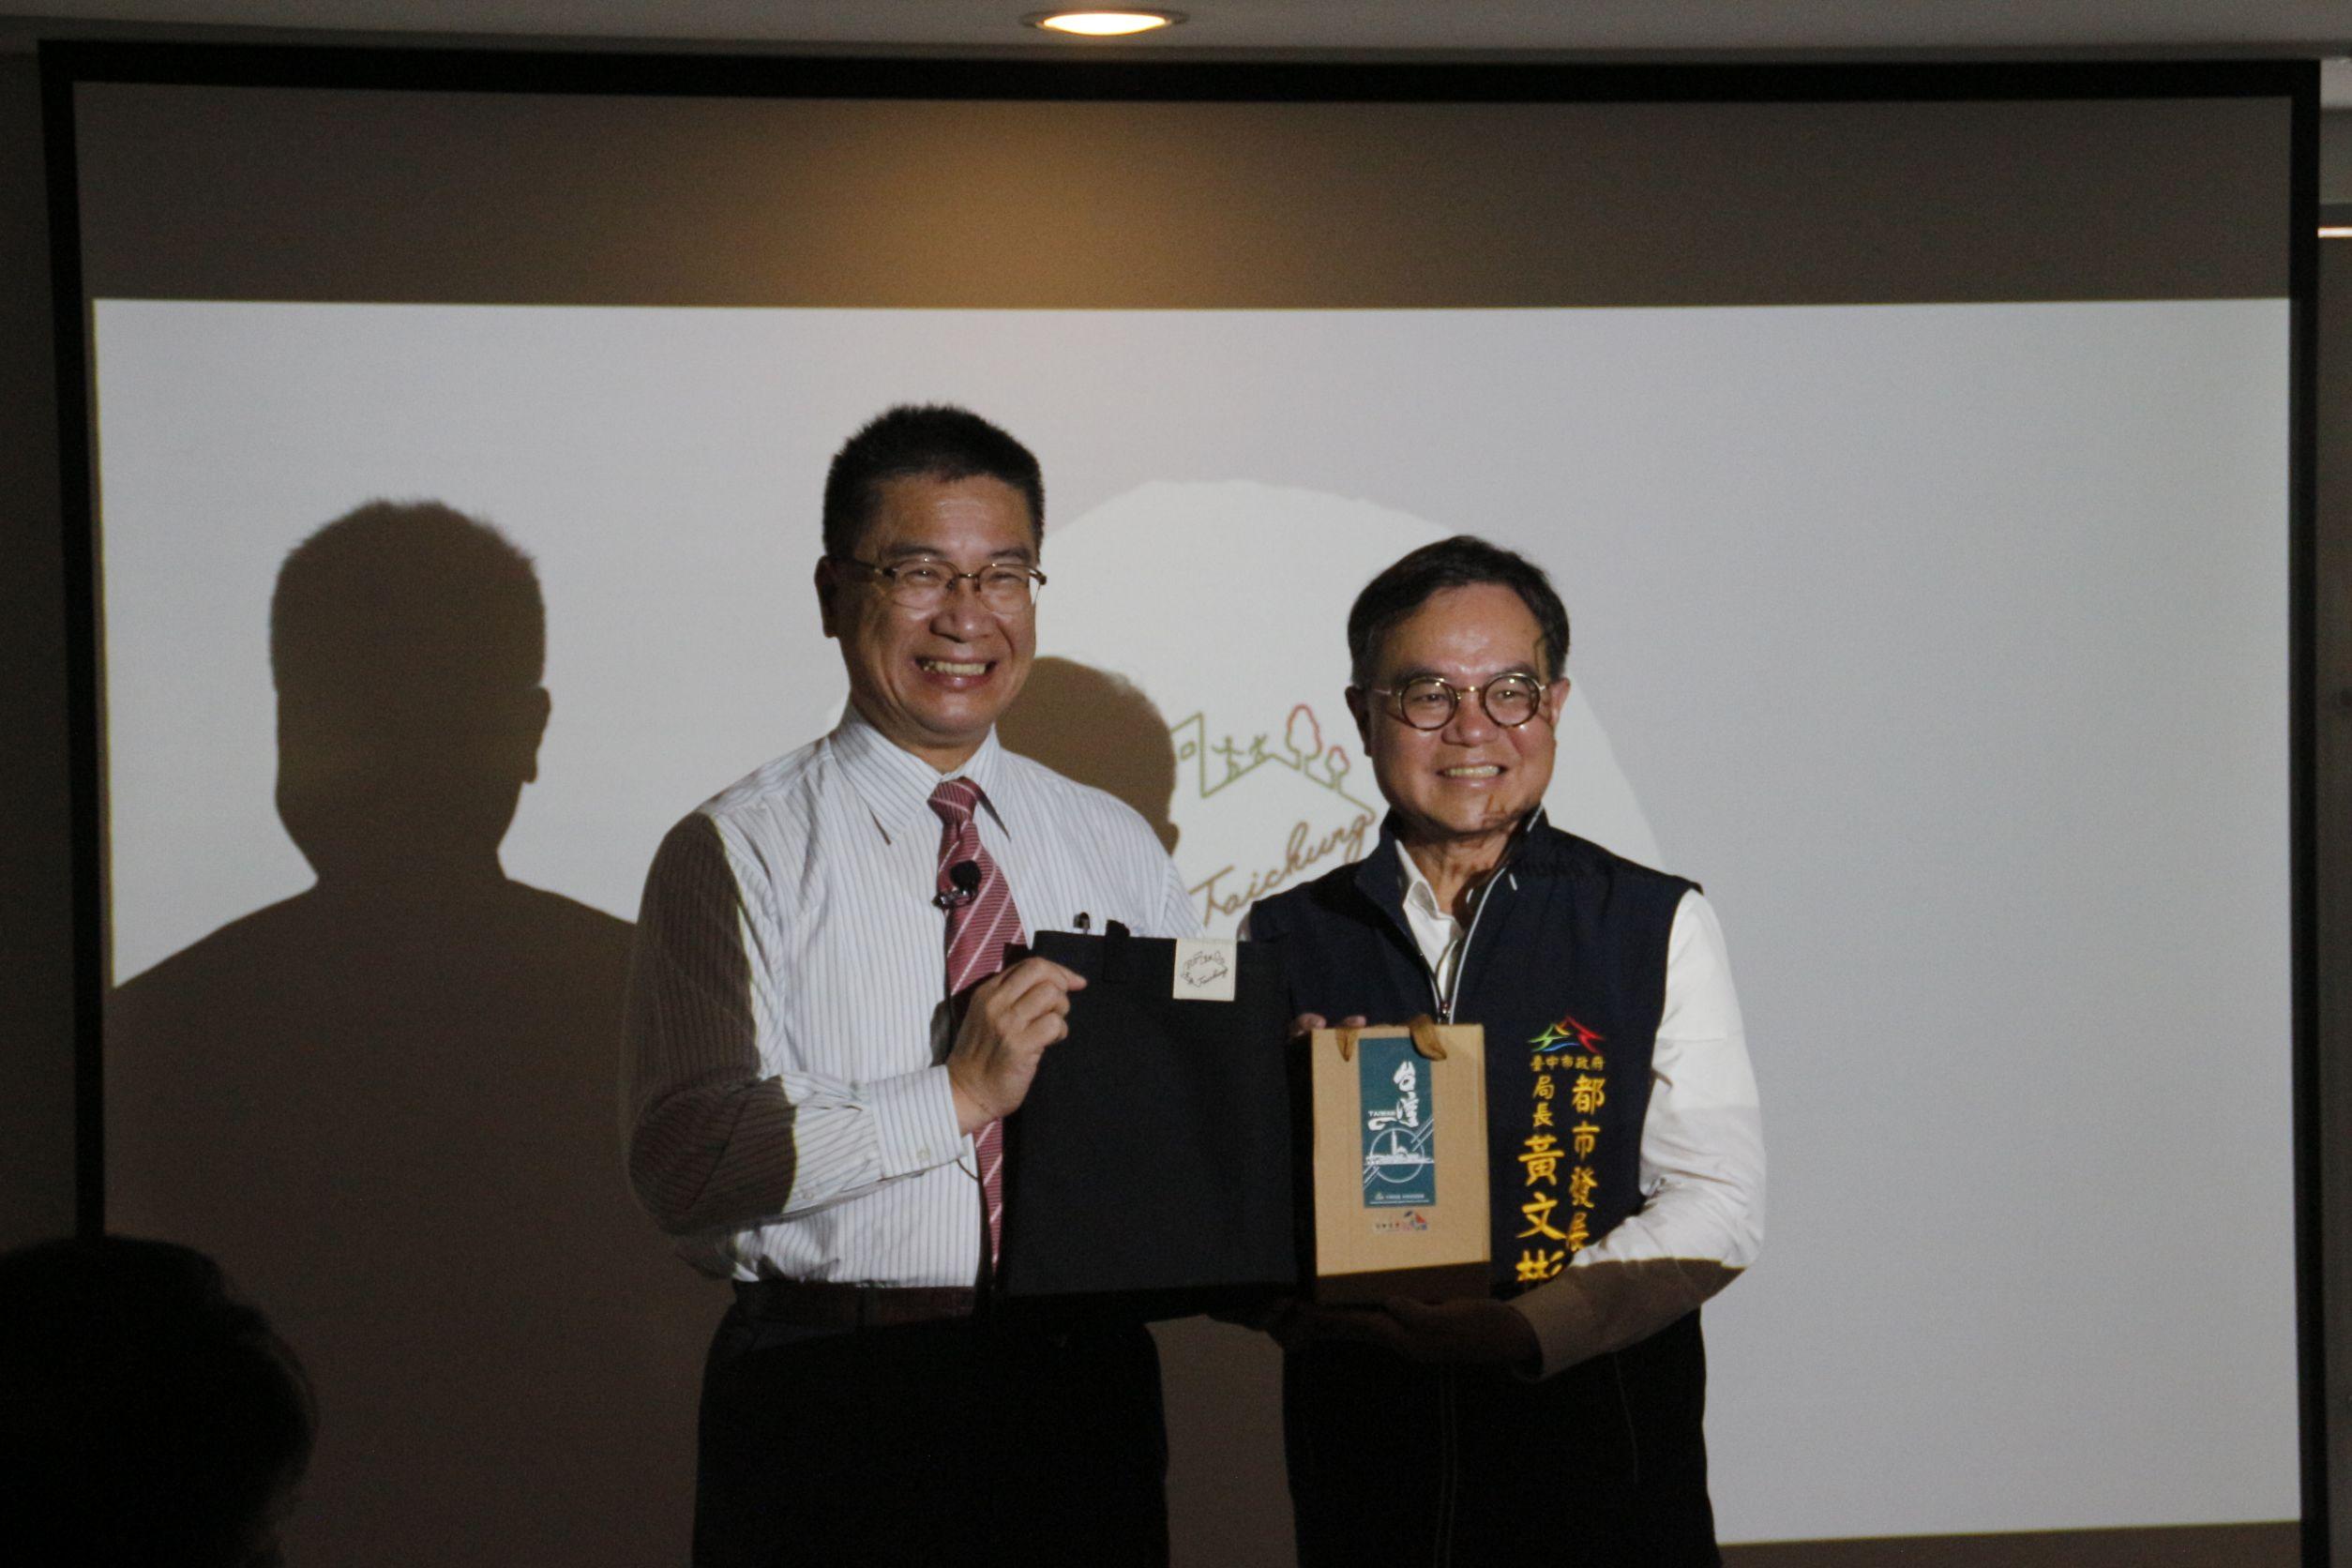 徐國勇特別感謝臺中市政府的用心支持中央的社會住宅政策